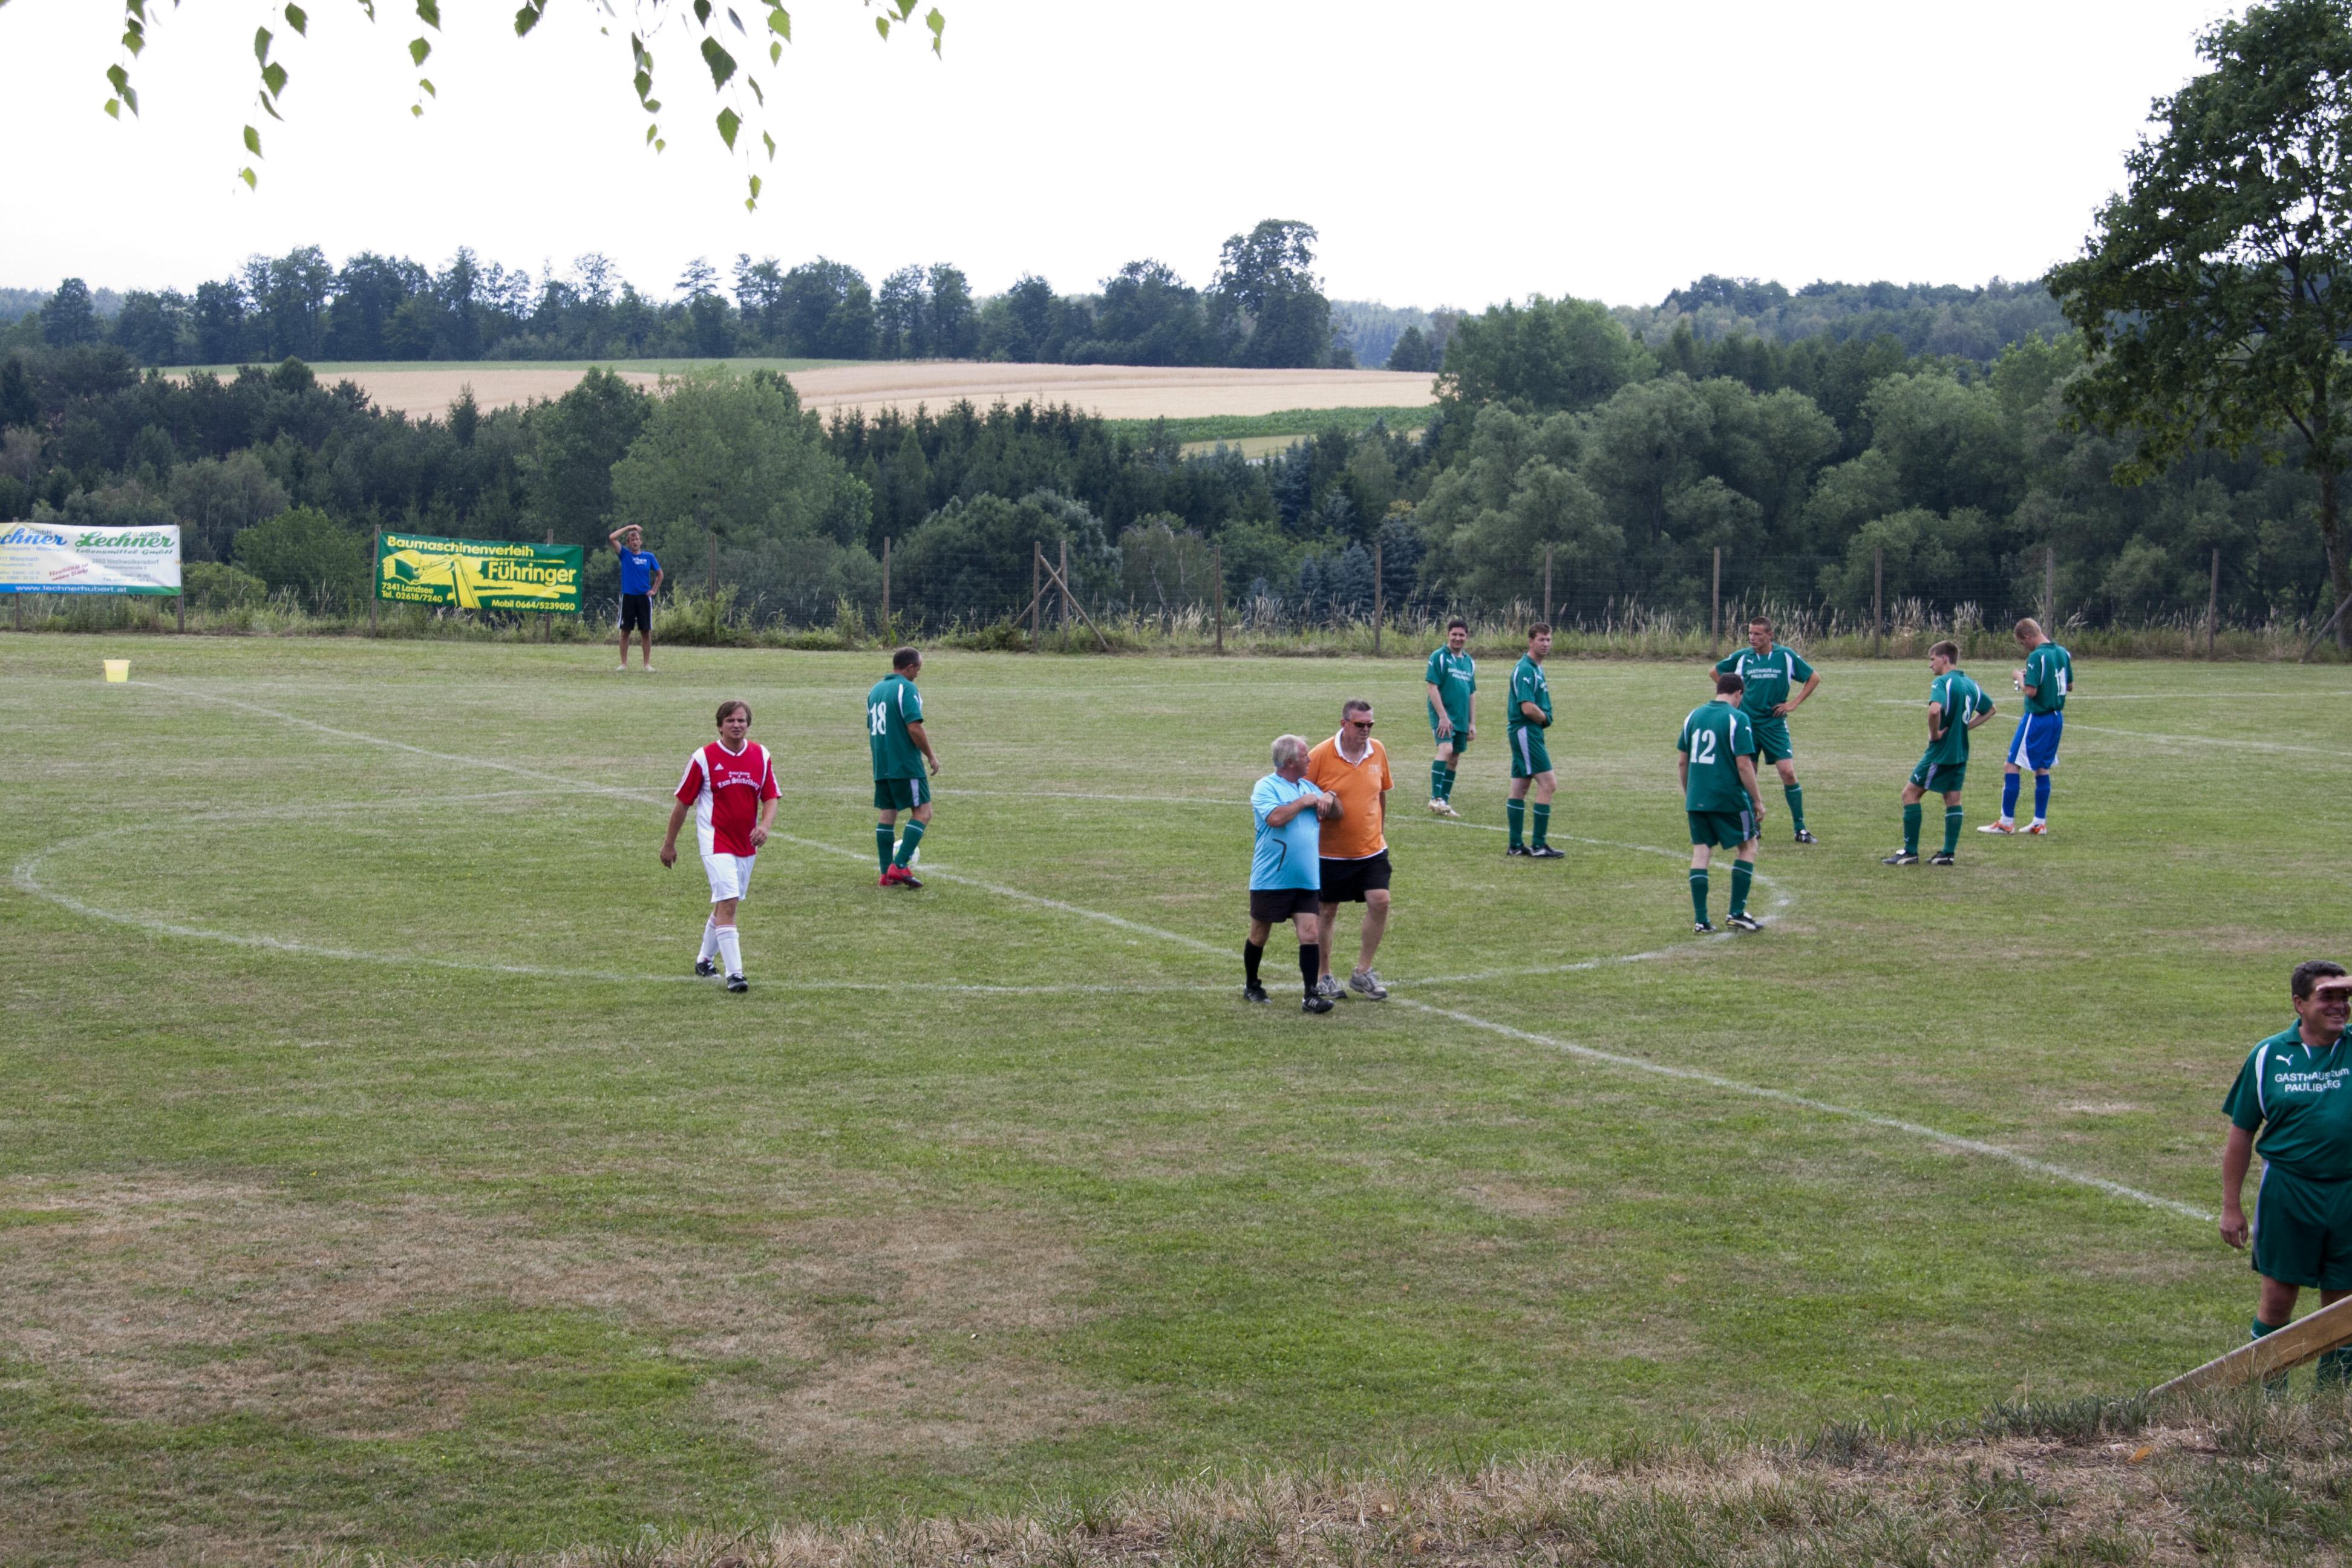 2012-07-07-sportfest-landsee-001